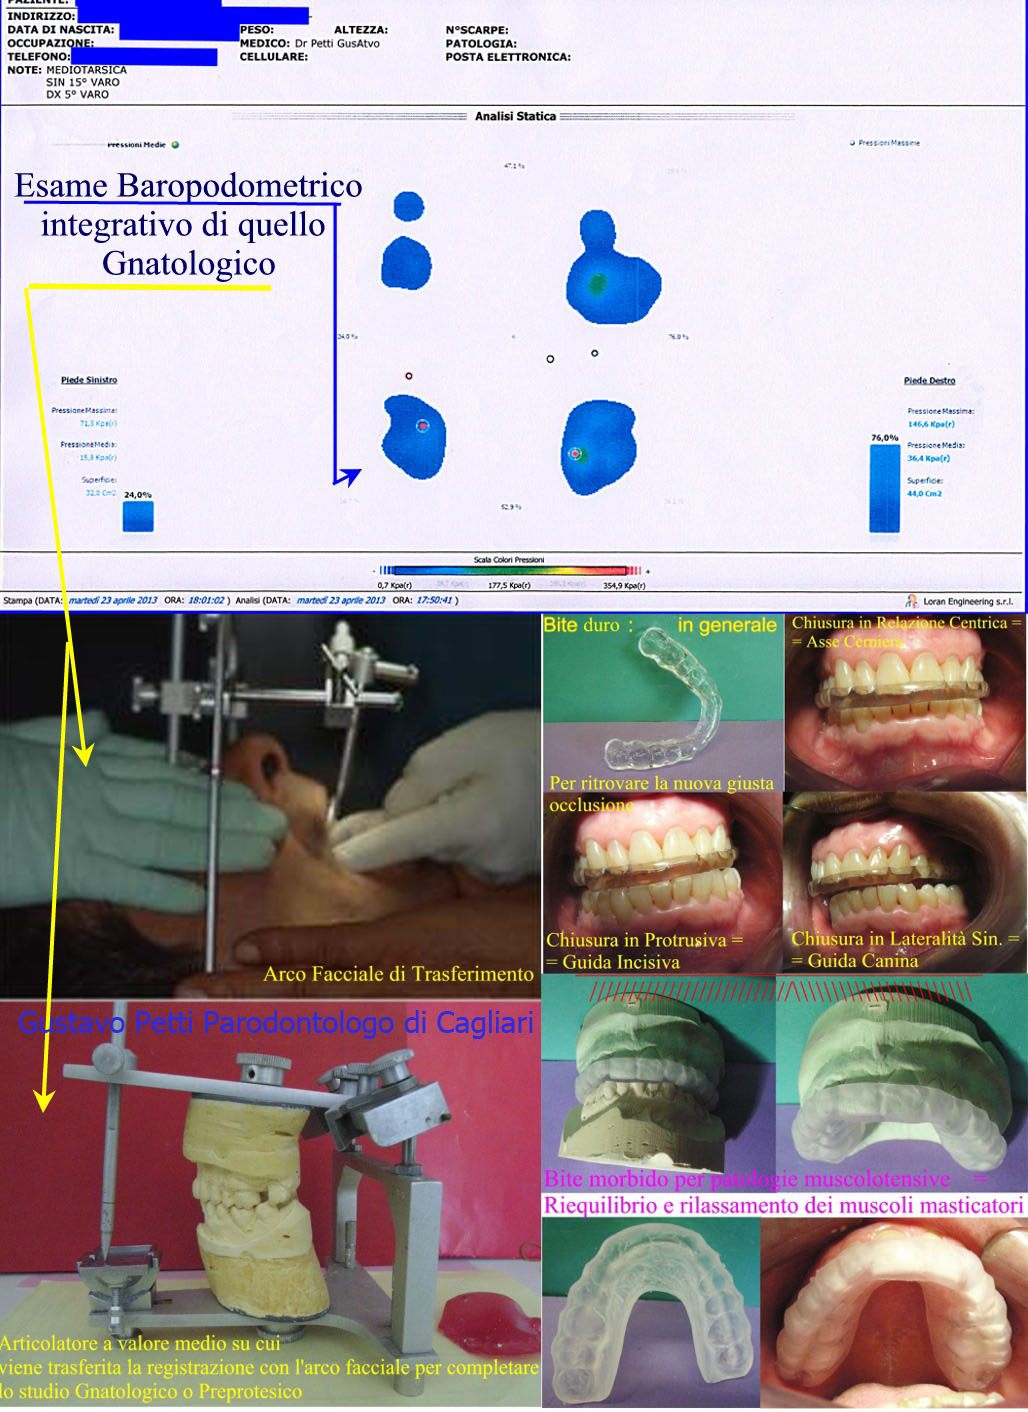 Parte di Analisi Gnatologica e Stabilometrica e diversi tipi di Bite. Da Dr. Gustavo Petti Parodontologo Gnatologo di Cagliari